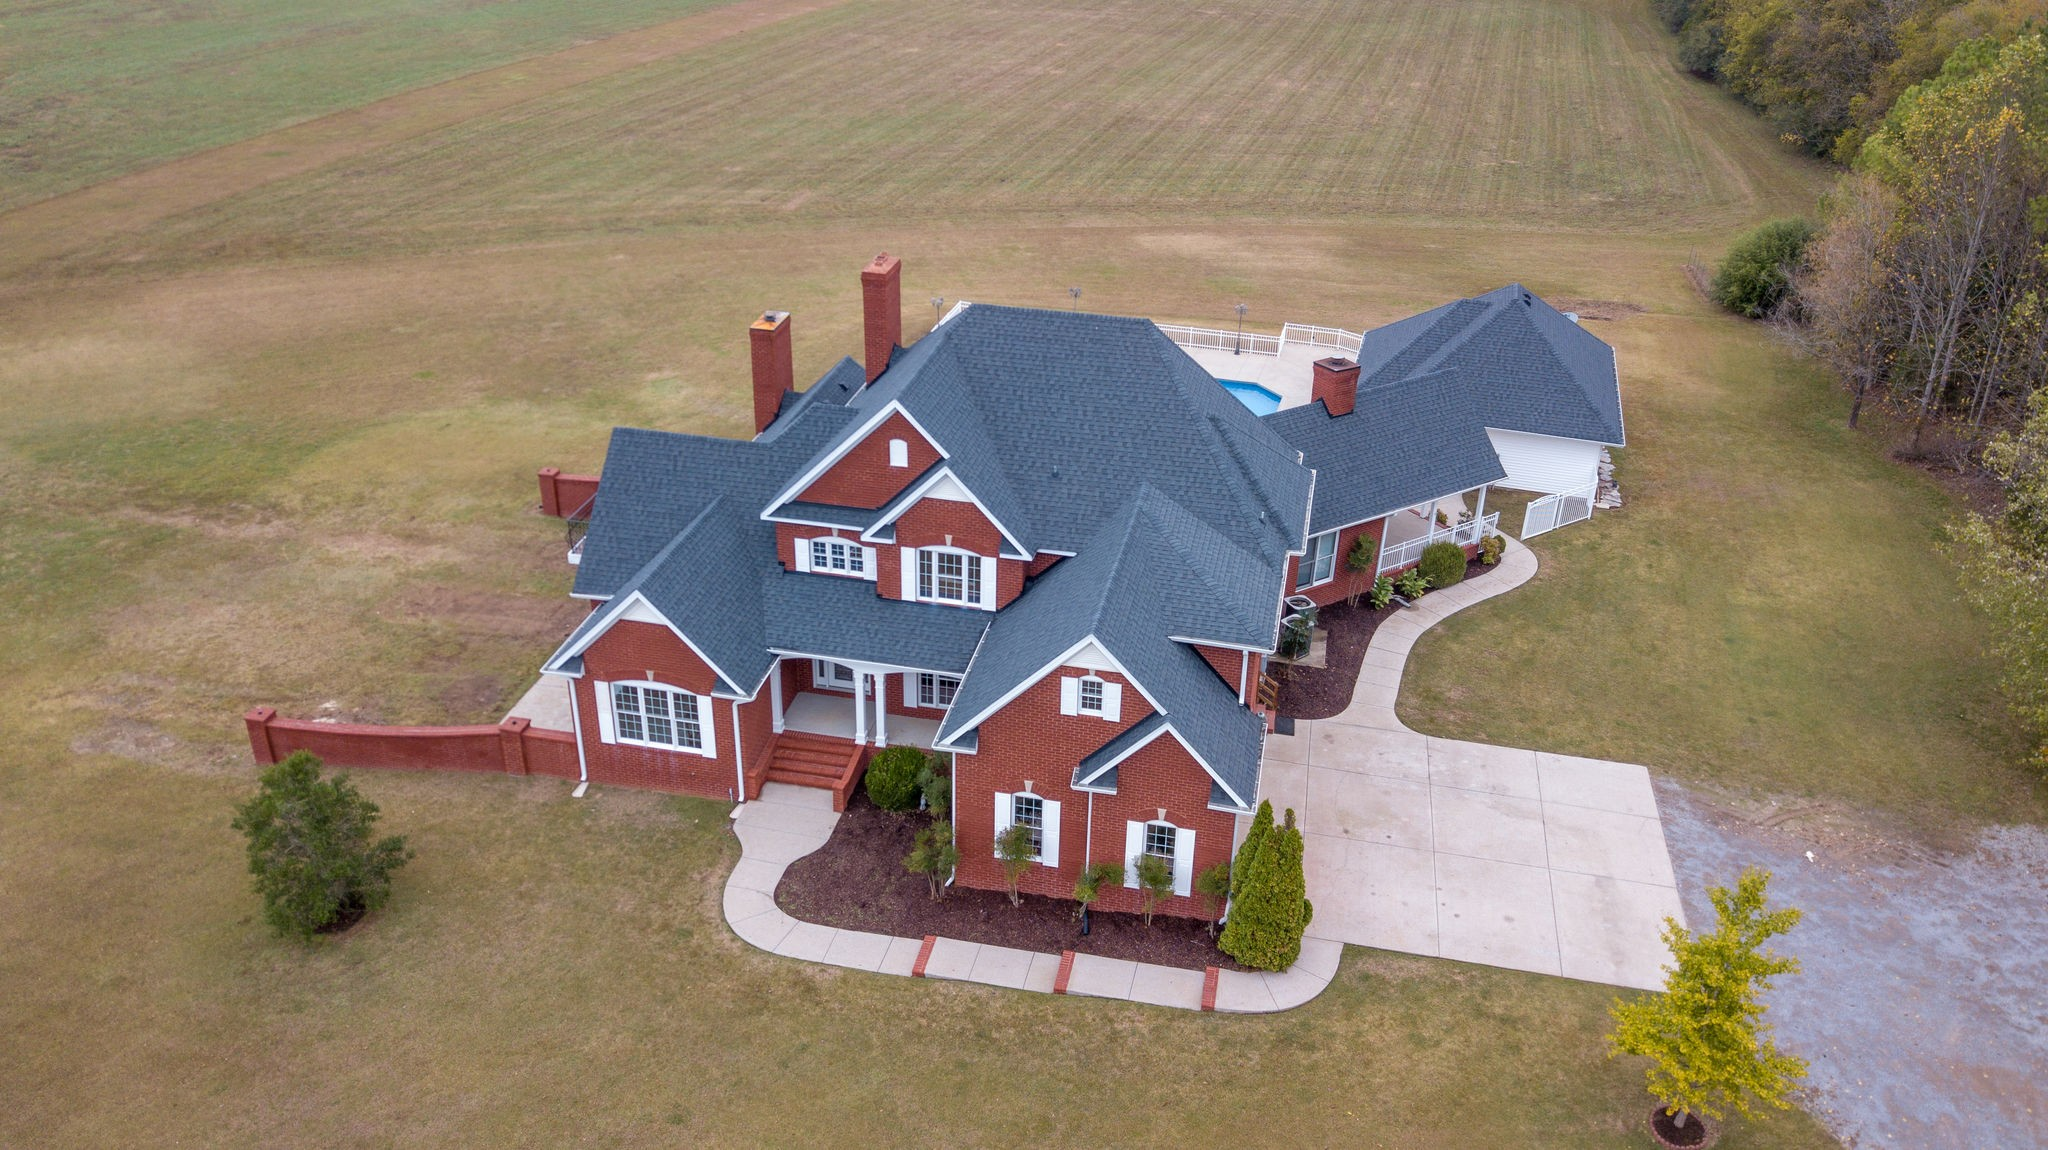 4995 Vincion Rd, Murfreesboro, TN 37130 - Murfreesboro, TN real estate listing